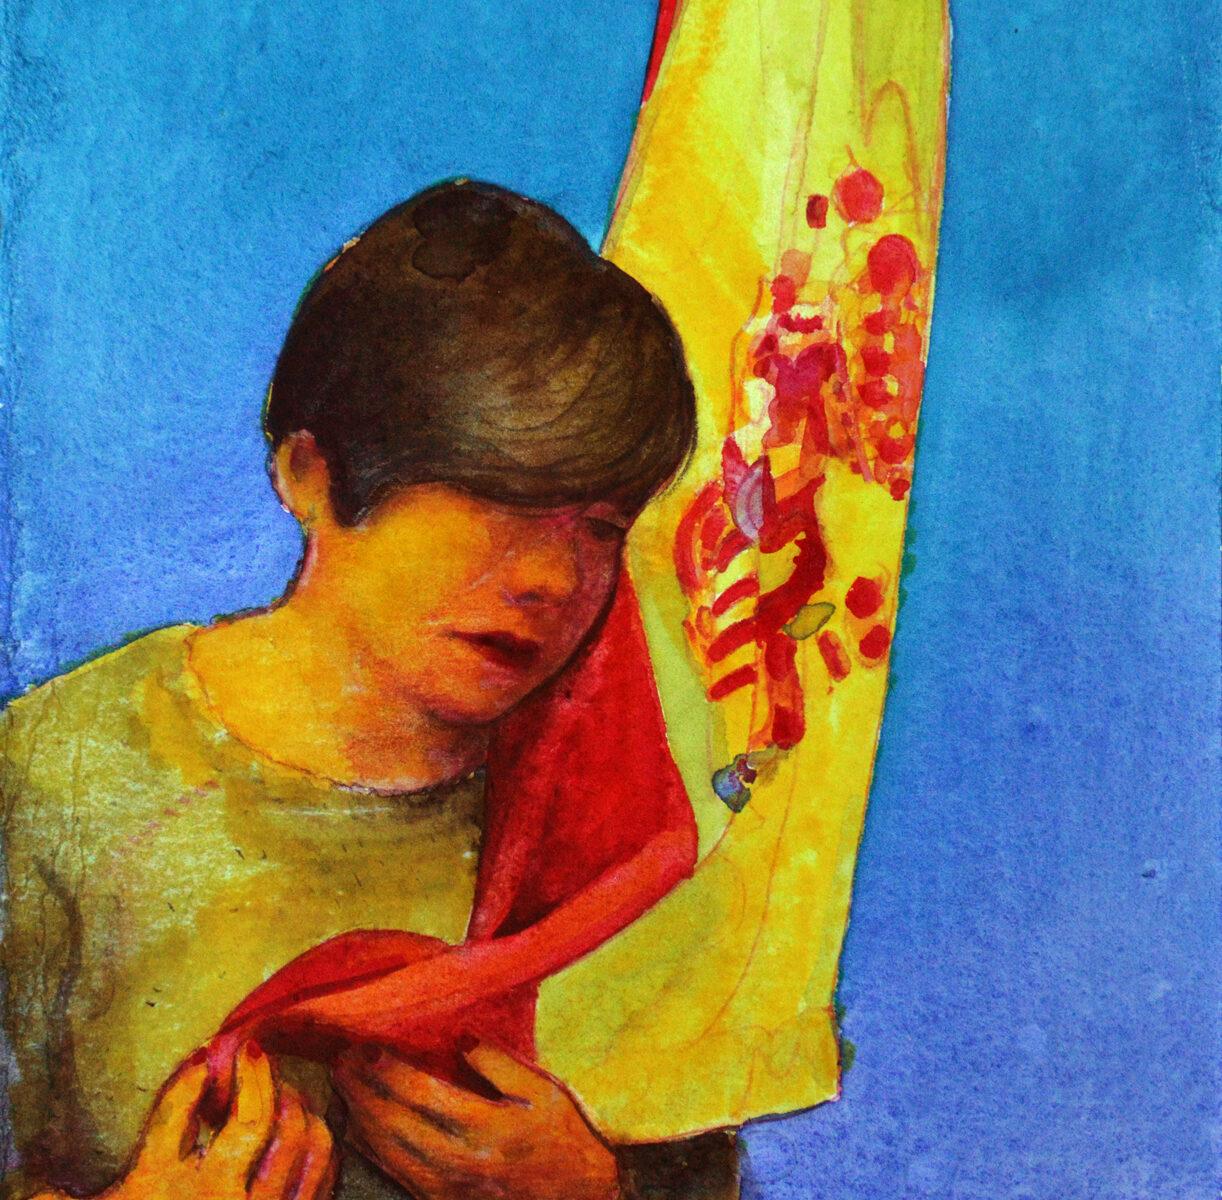 Jornada de reflexión. Juanma Moreno Sánchez 2015. Arte y realidad aumentada